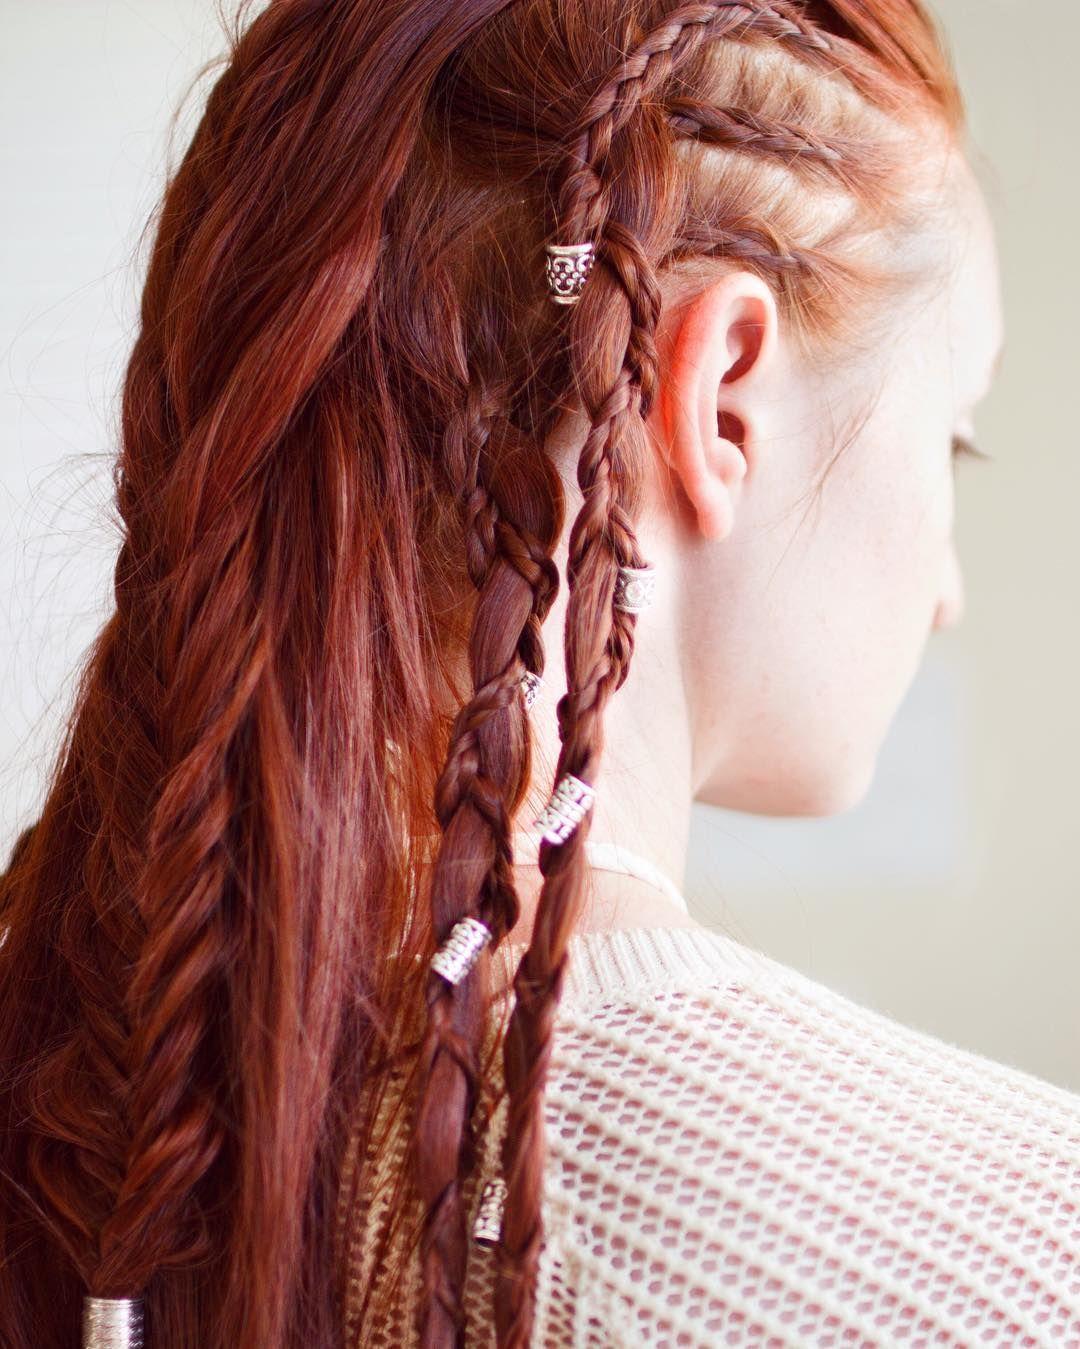 22 Beste Khaleesi Haare Auf Game Of Thrones Trend Khaleesi Haar Frisuren Und Viking Frisur